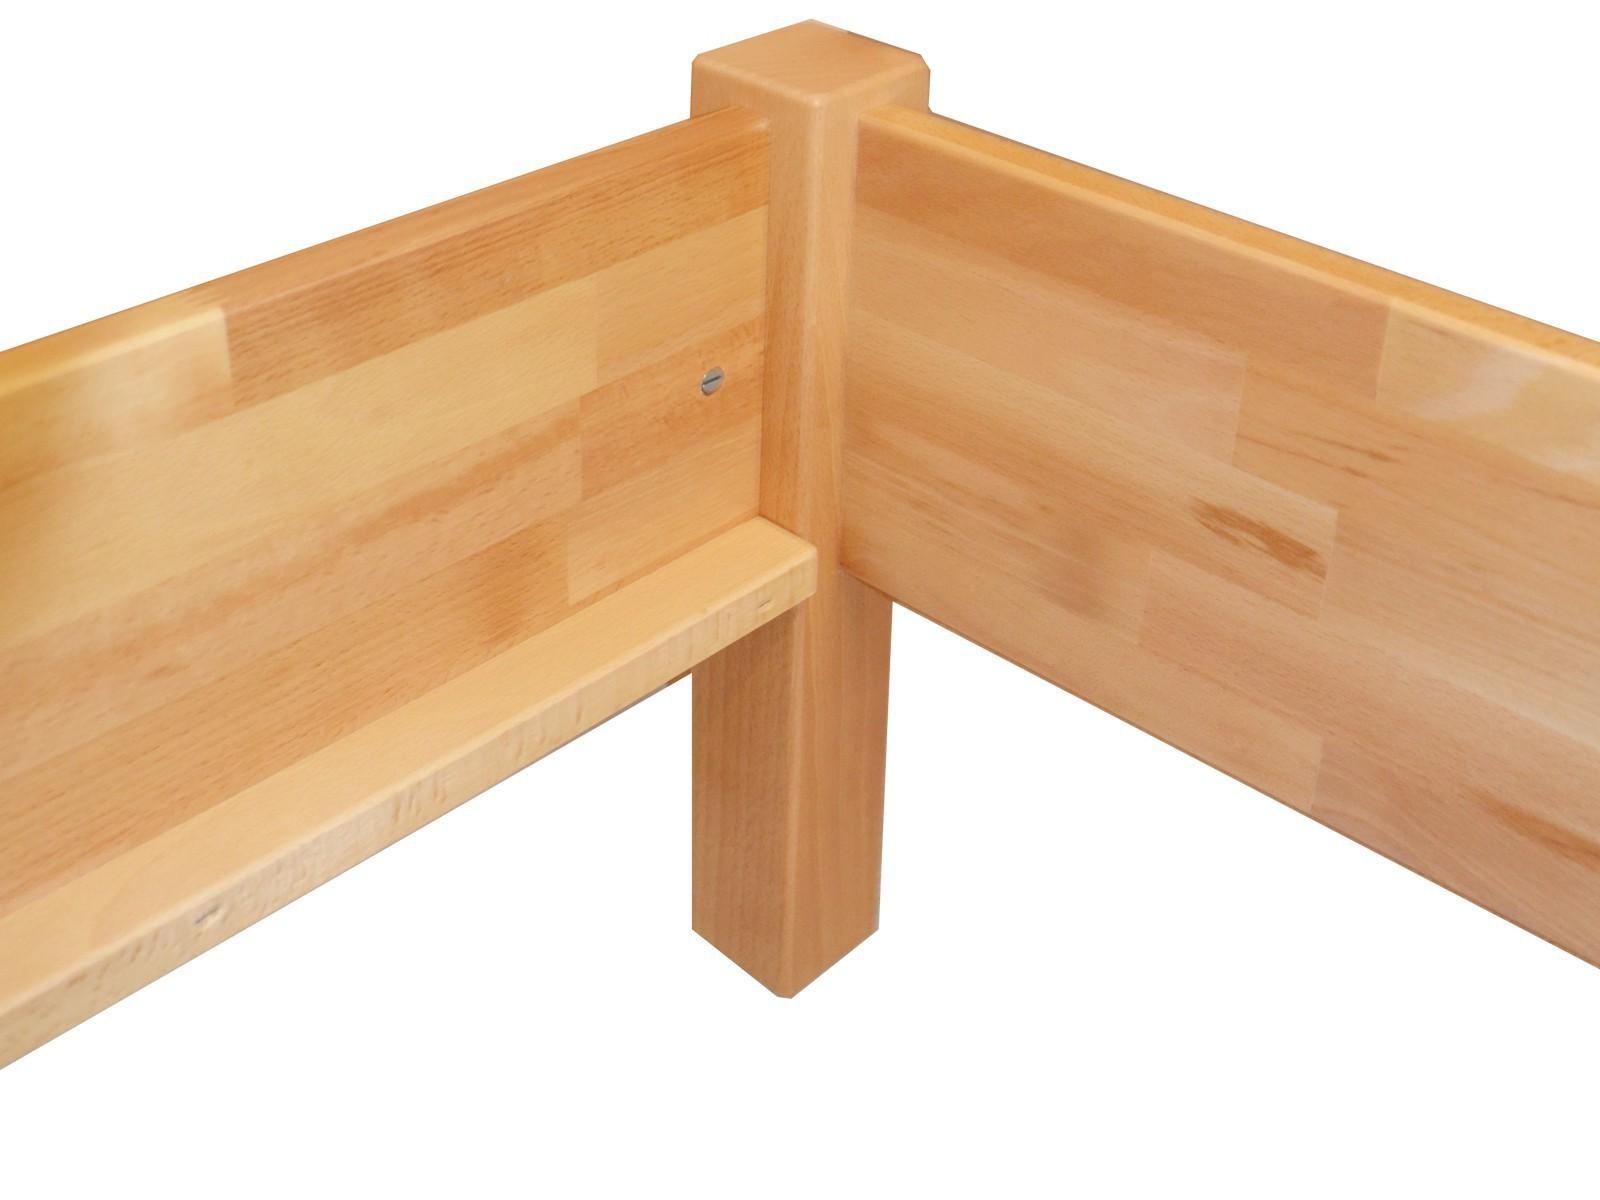 Strutture Letto In Legno Massello : Letto legno massello faggio francese doppio telaio